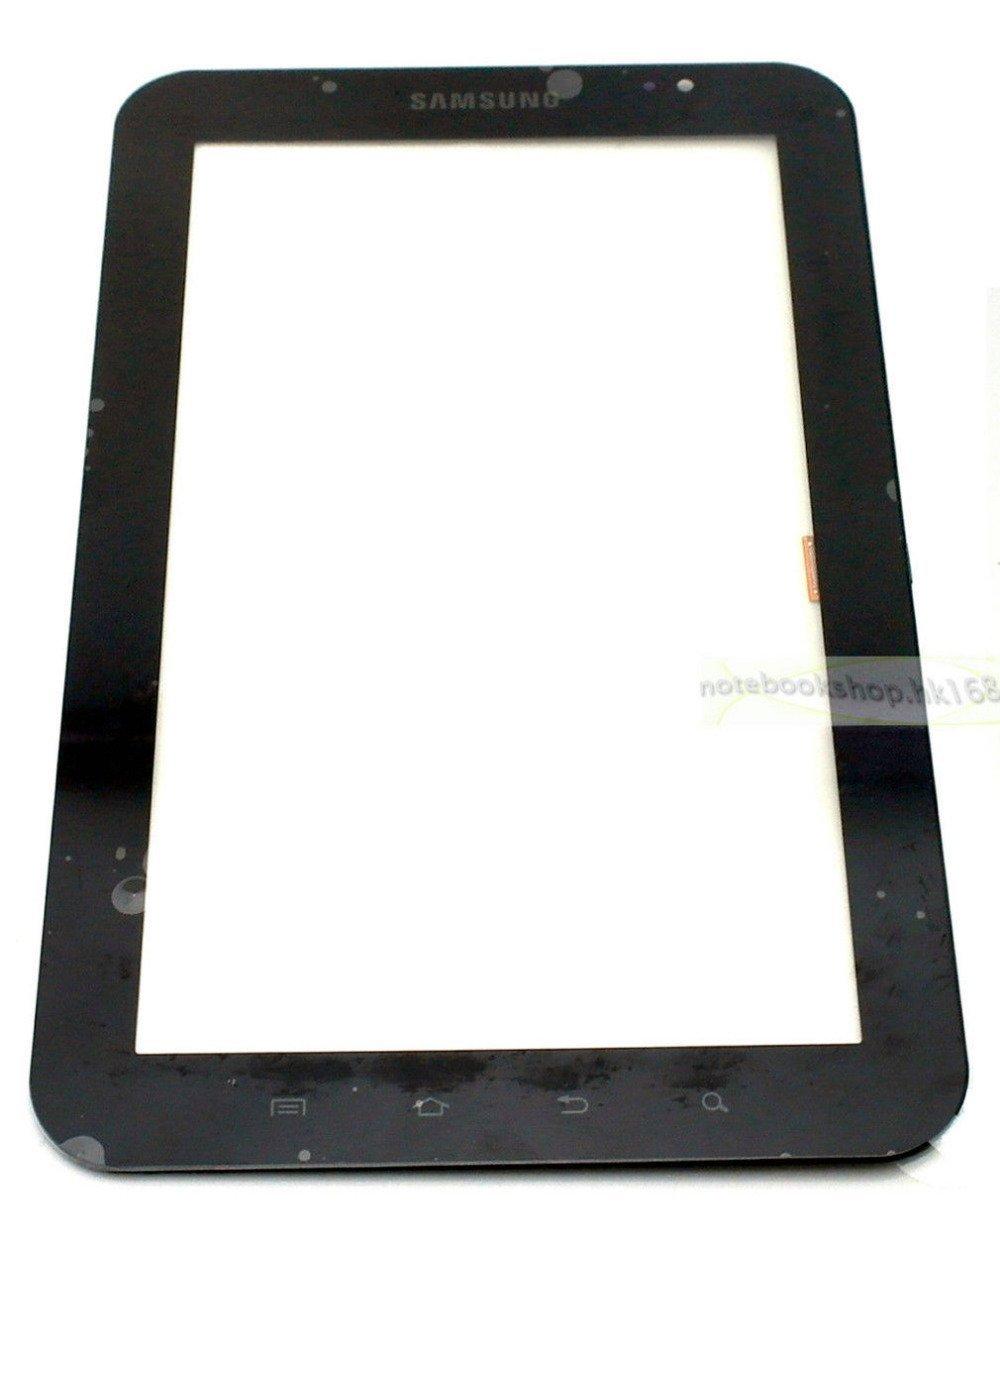 Samsung Galaxy Tab 10.1 3G WIFI T859 i905 Original New Display LCD Screen